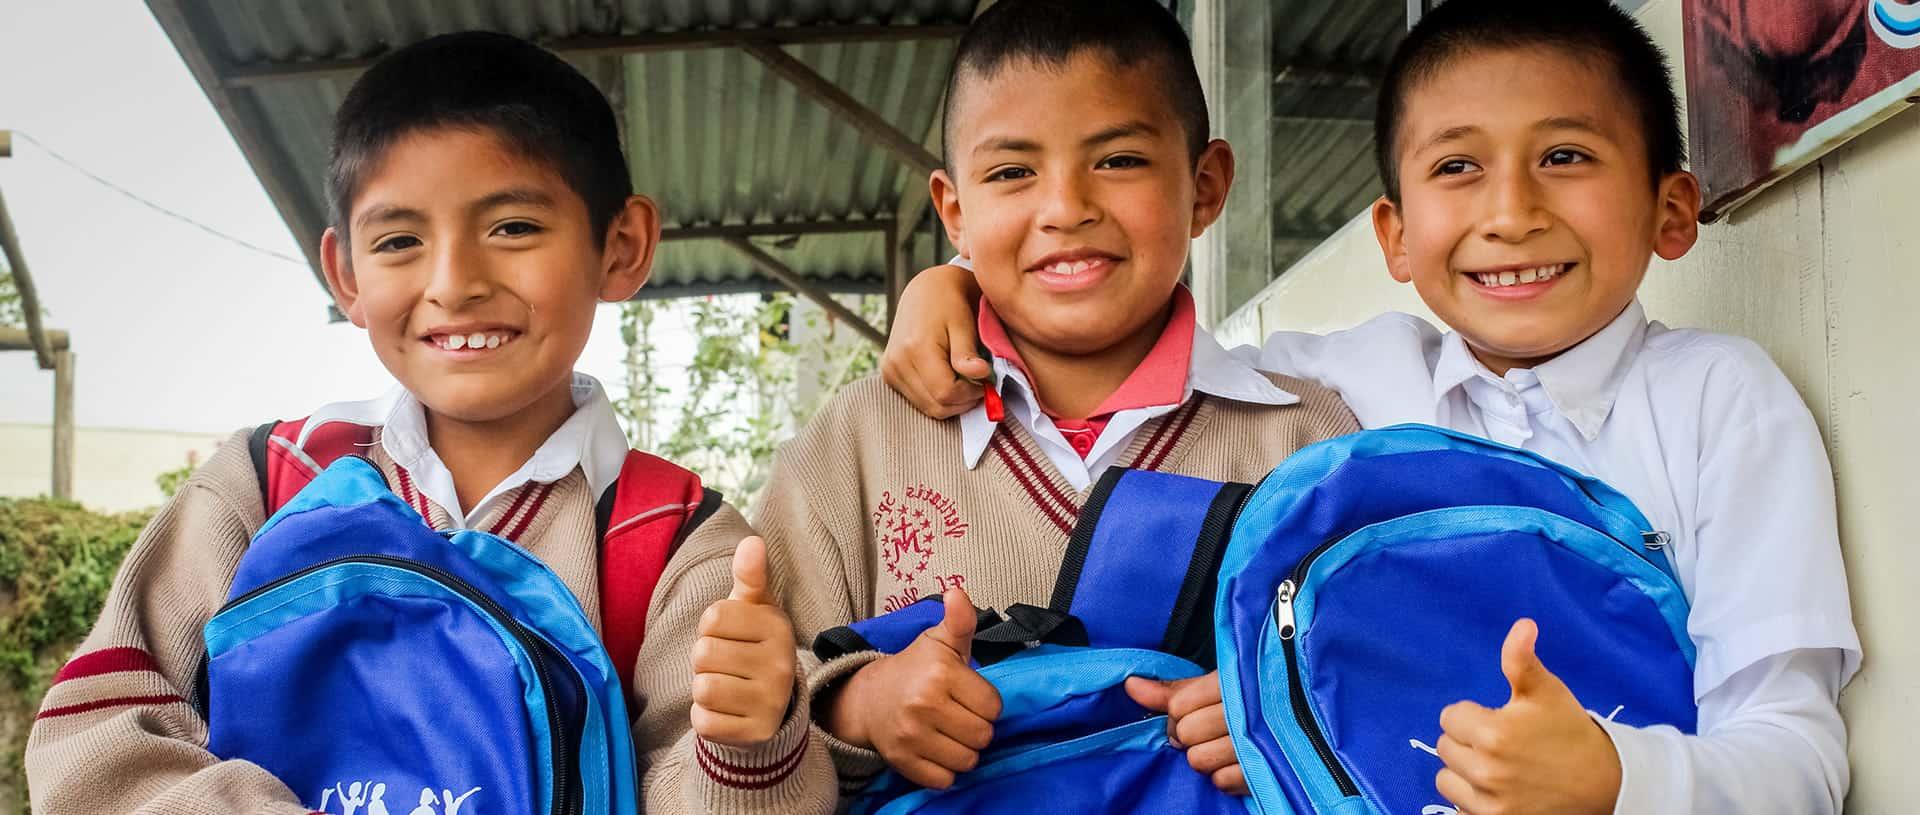 Peru-school-supplies-header